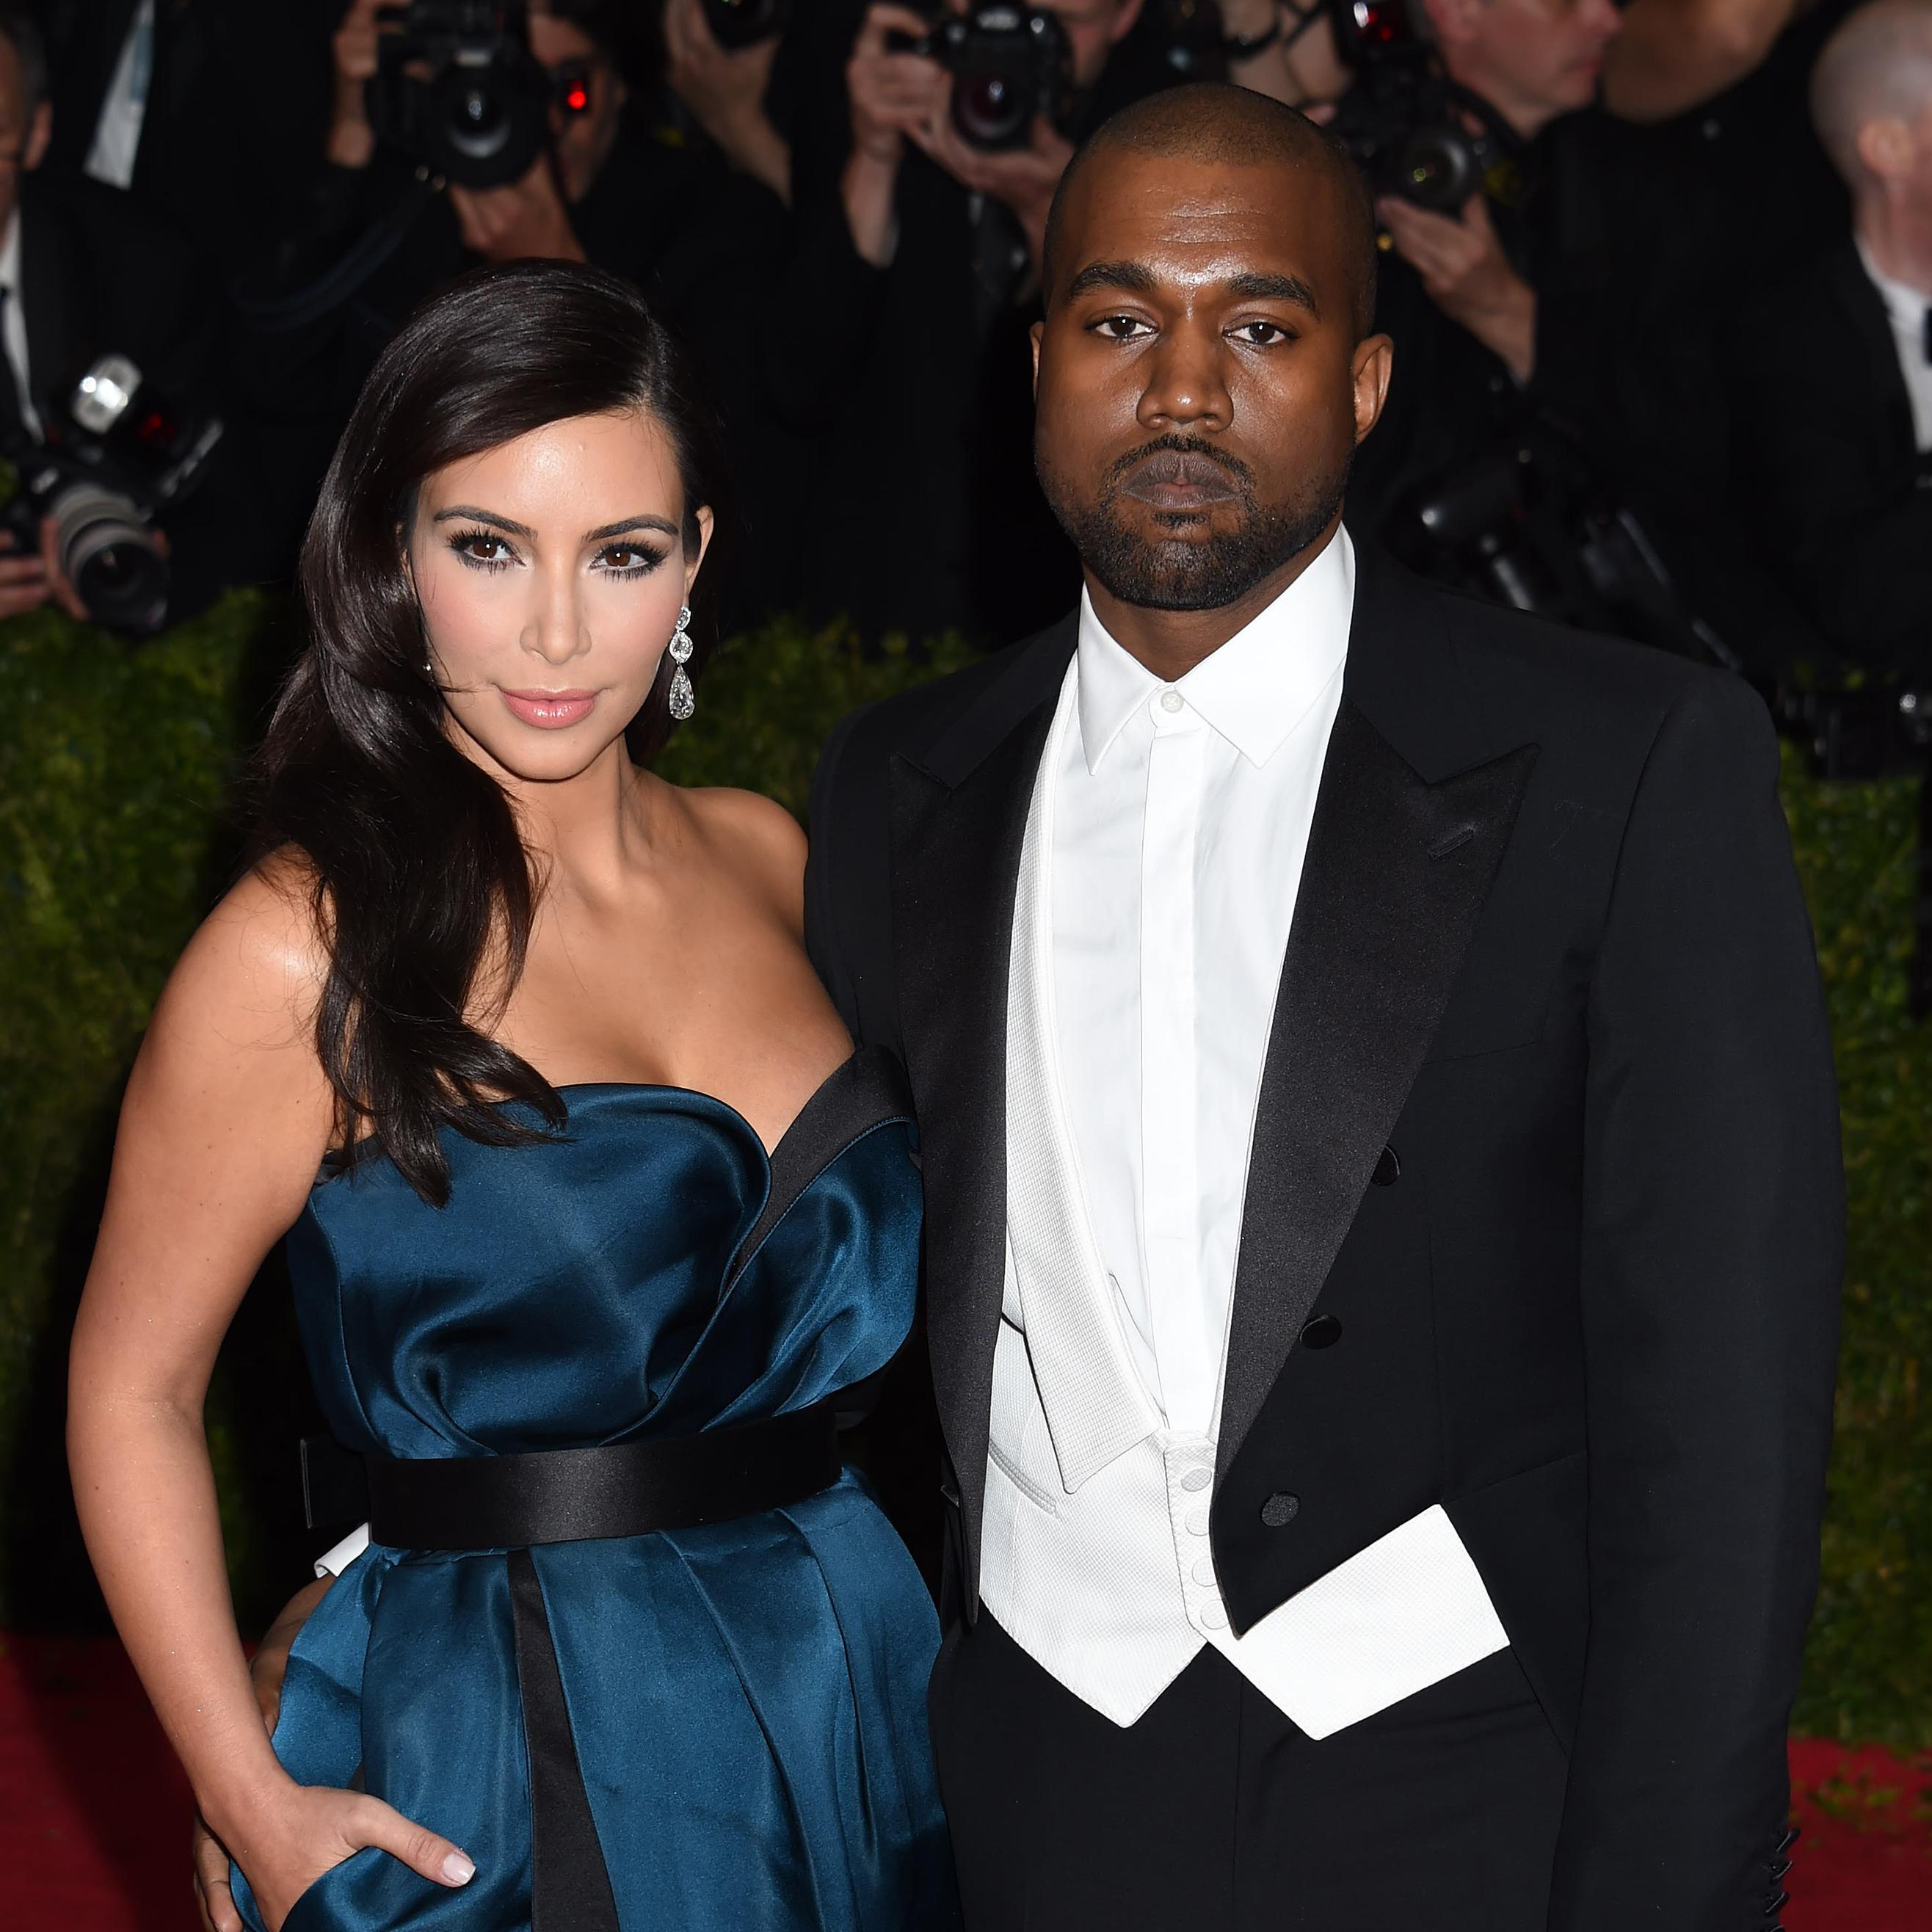 visite priv e du ch teau de versailles pour le mariage de kim kardashian elle. Black Bedroom Furniture Sets. Home Design Ideas